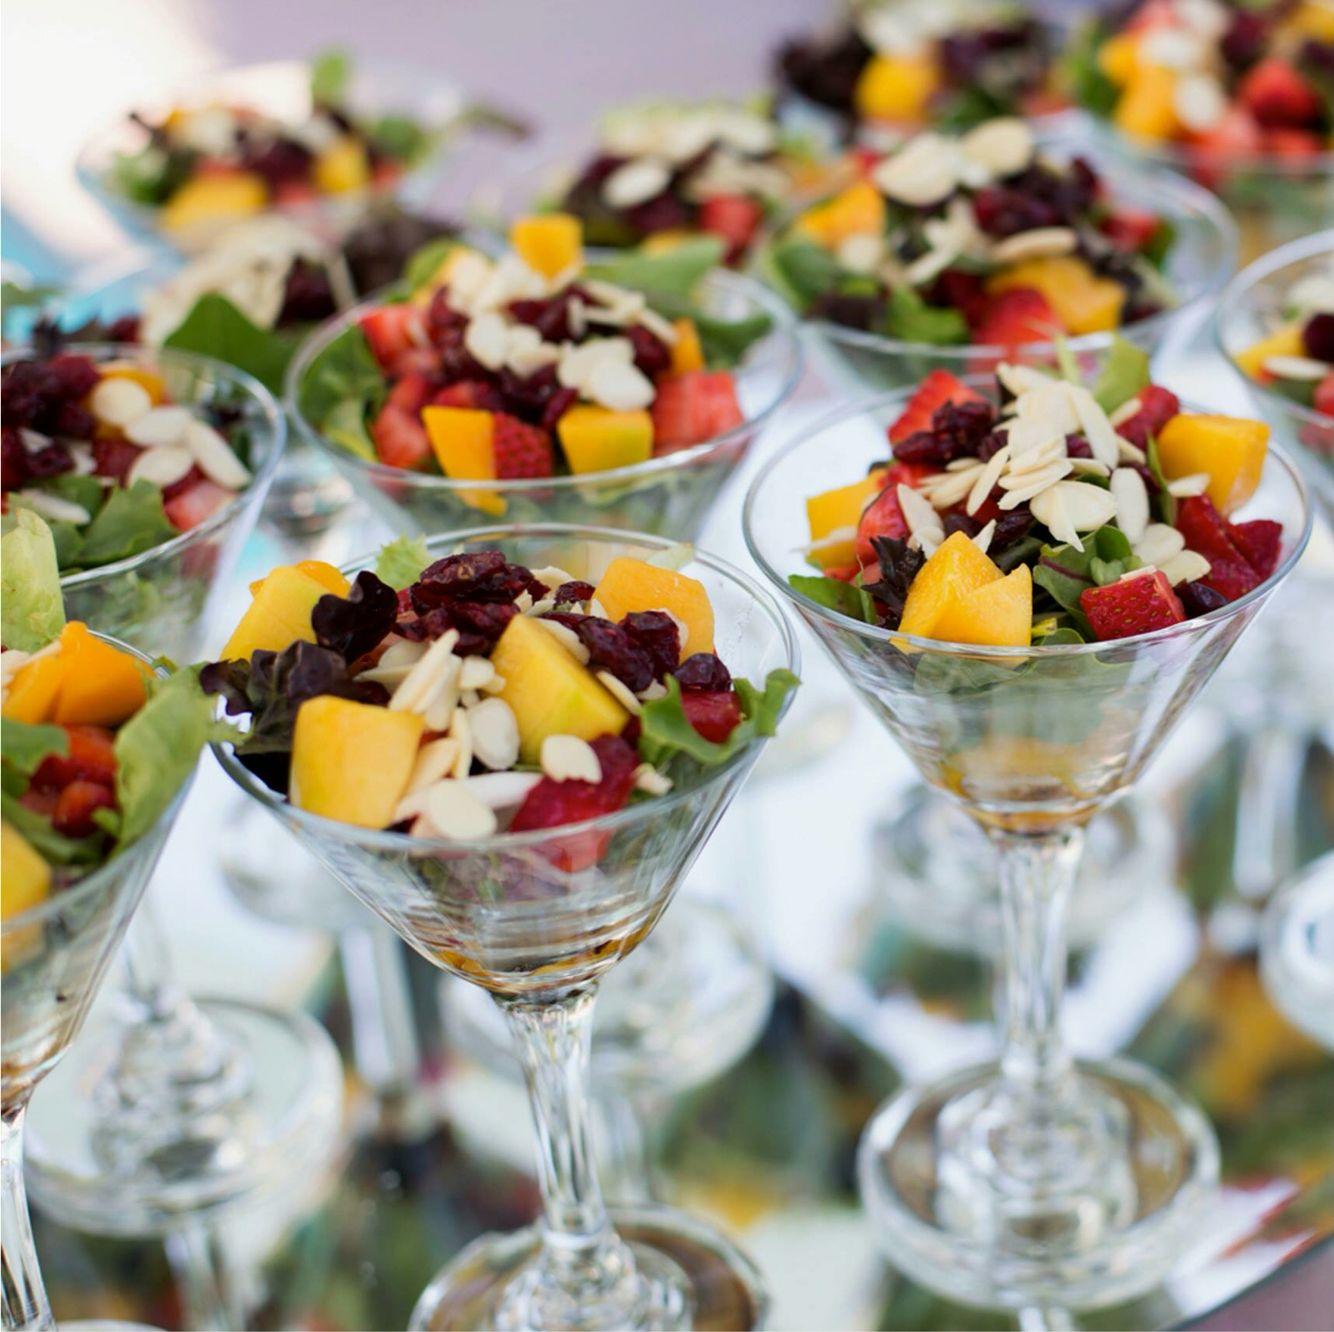 Hlo tips ofrecer en un c ctel una fresca ensalada de frutas colocada en una copa de martini - Como hacer coctel de frutas ...